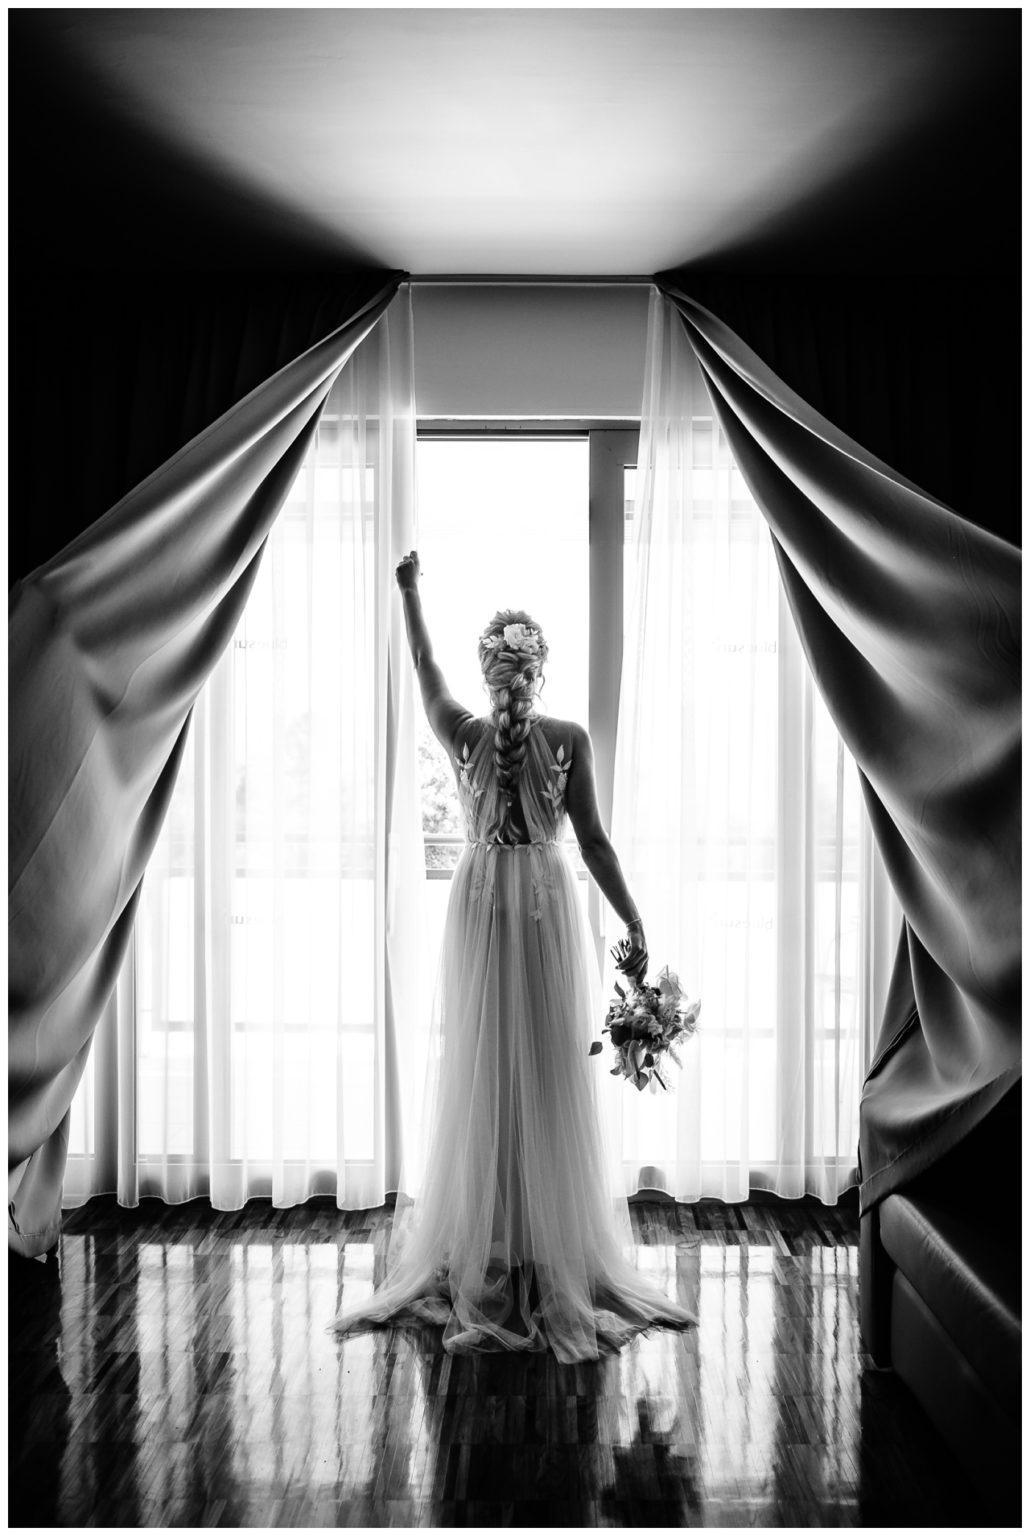 hochzeit brac inse boho heiraten kroatien hochzeitsplaner 10 - Glam Boho Hochzeit auf der Insel Brač